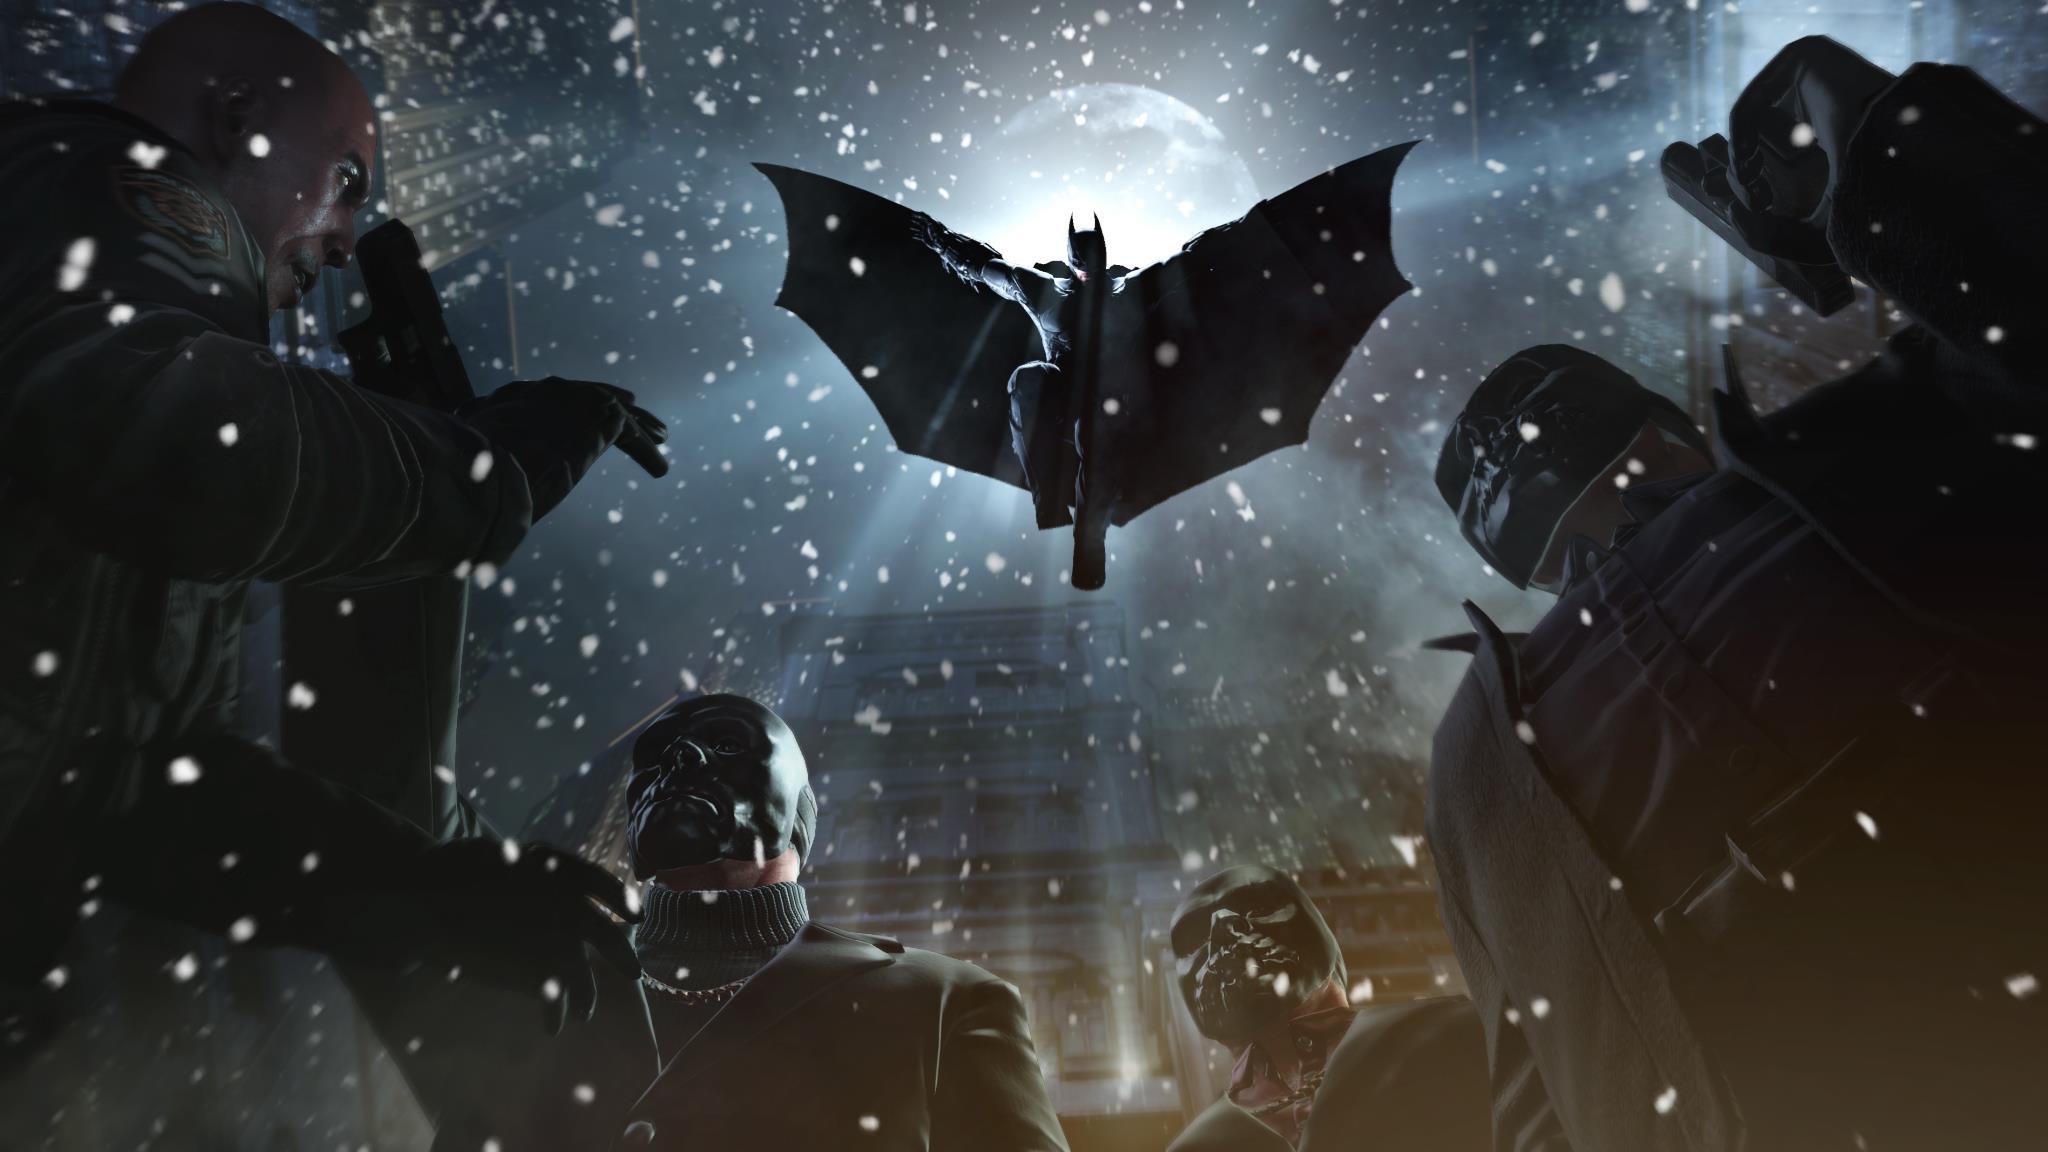 Batman Arkham Origins wallpaper 2